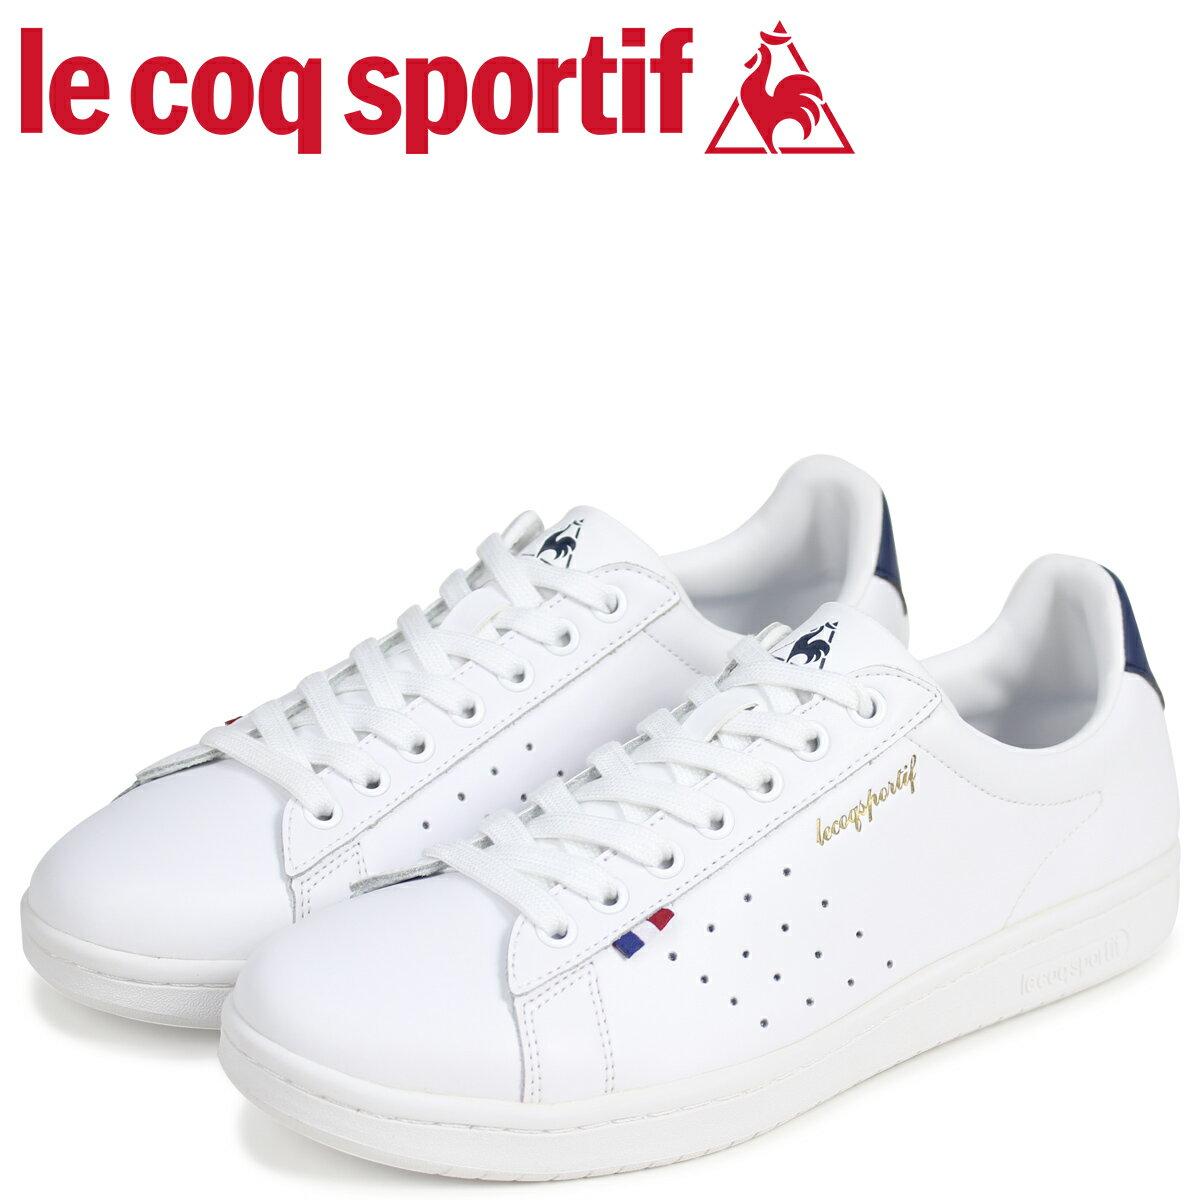 le coq sportif ルコック スポルティフ メンズ スニーカー LA ローラン LE ROLAND ホワイト QMT-7313WN [予約商品 4/26頃入荷予定 追加入荷]